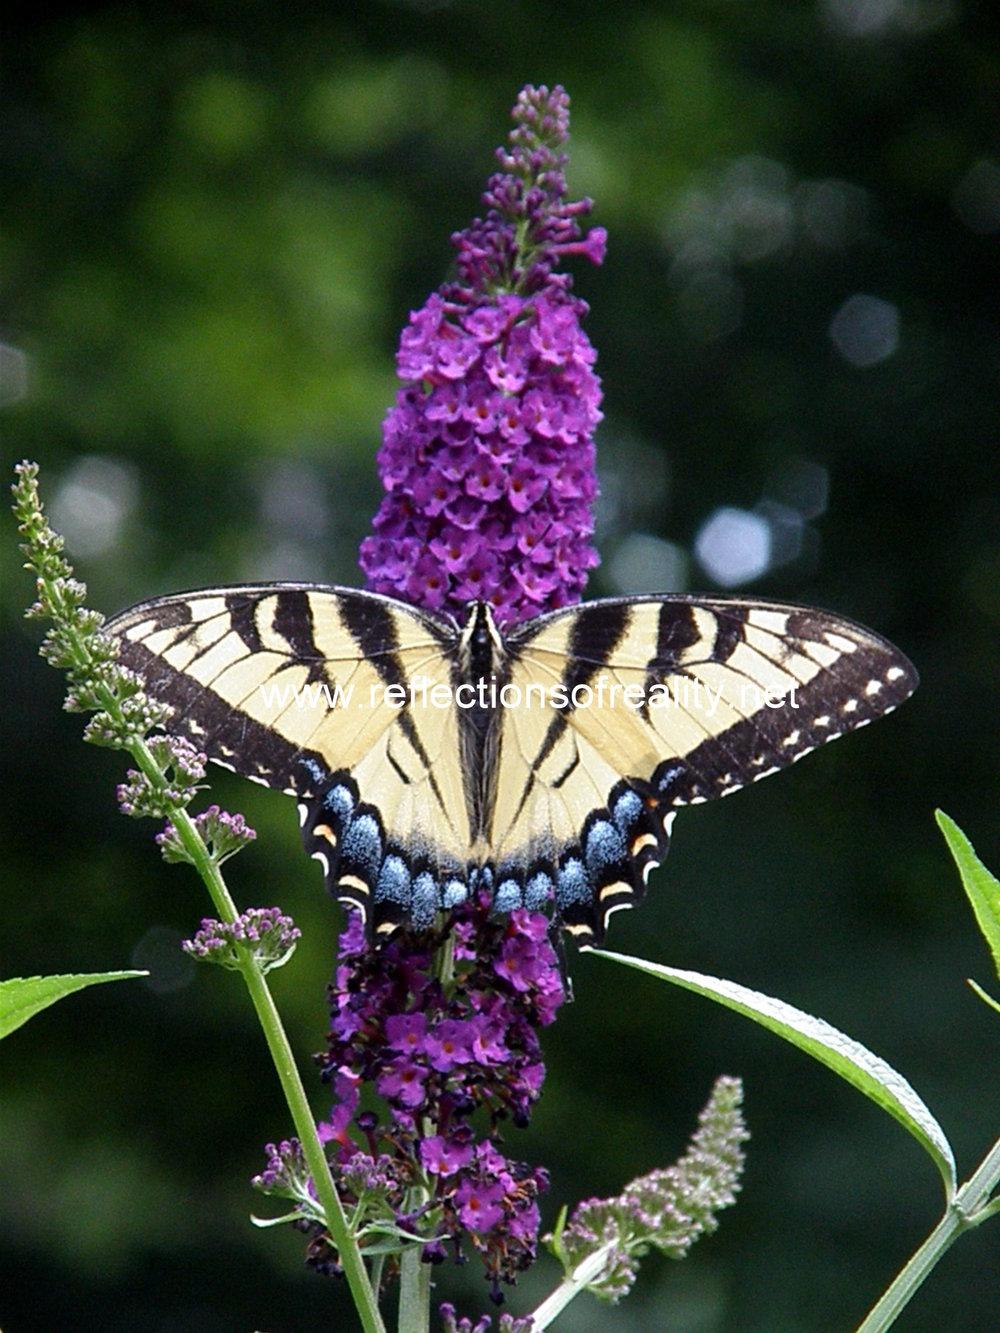 flutterby watermark.jpg